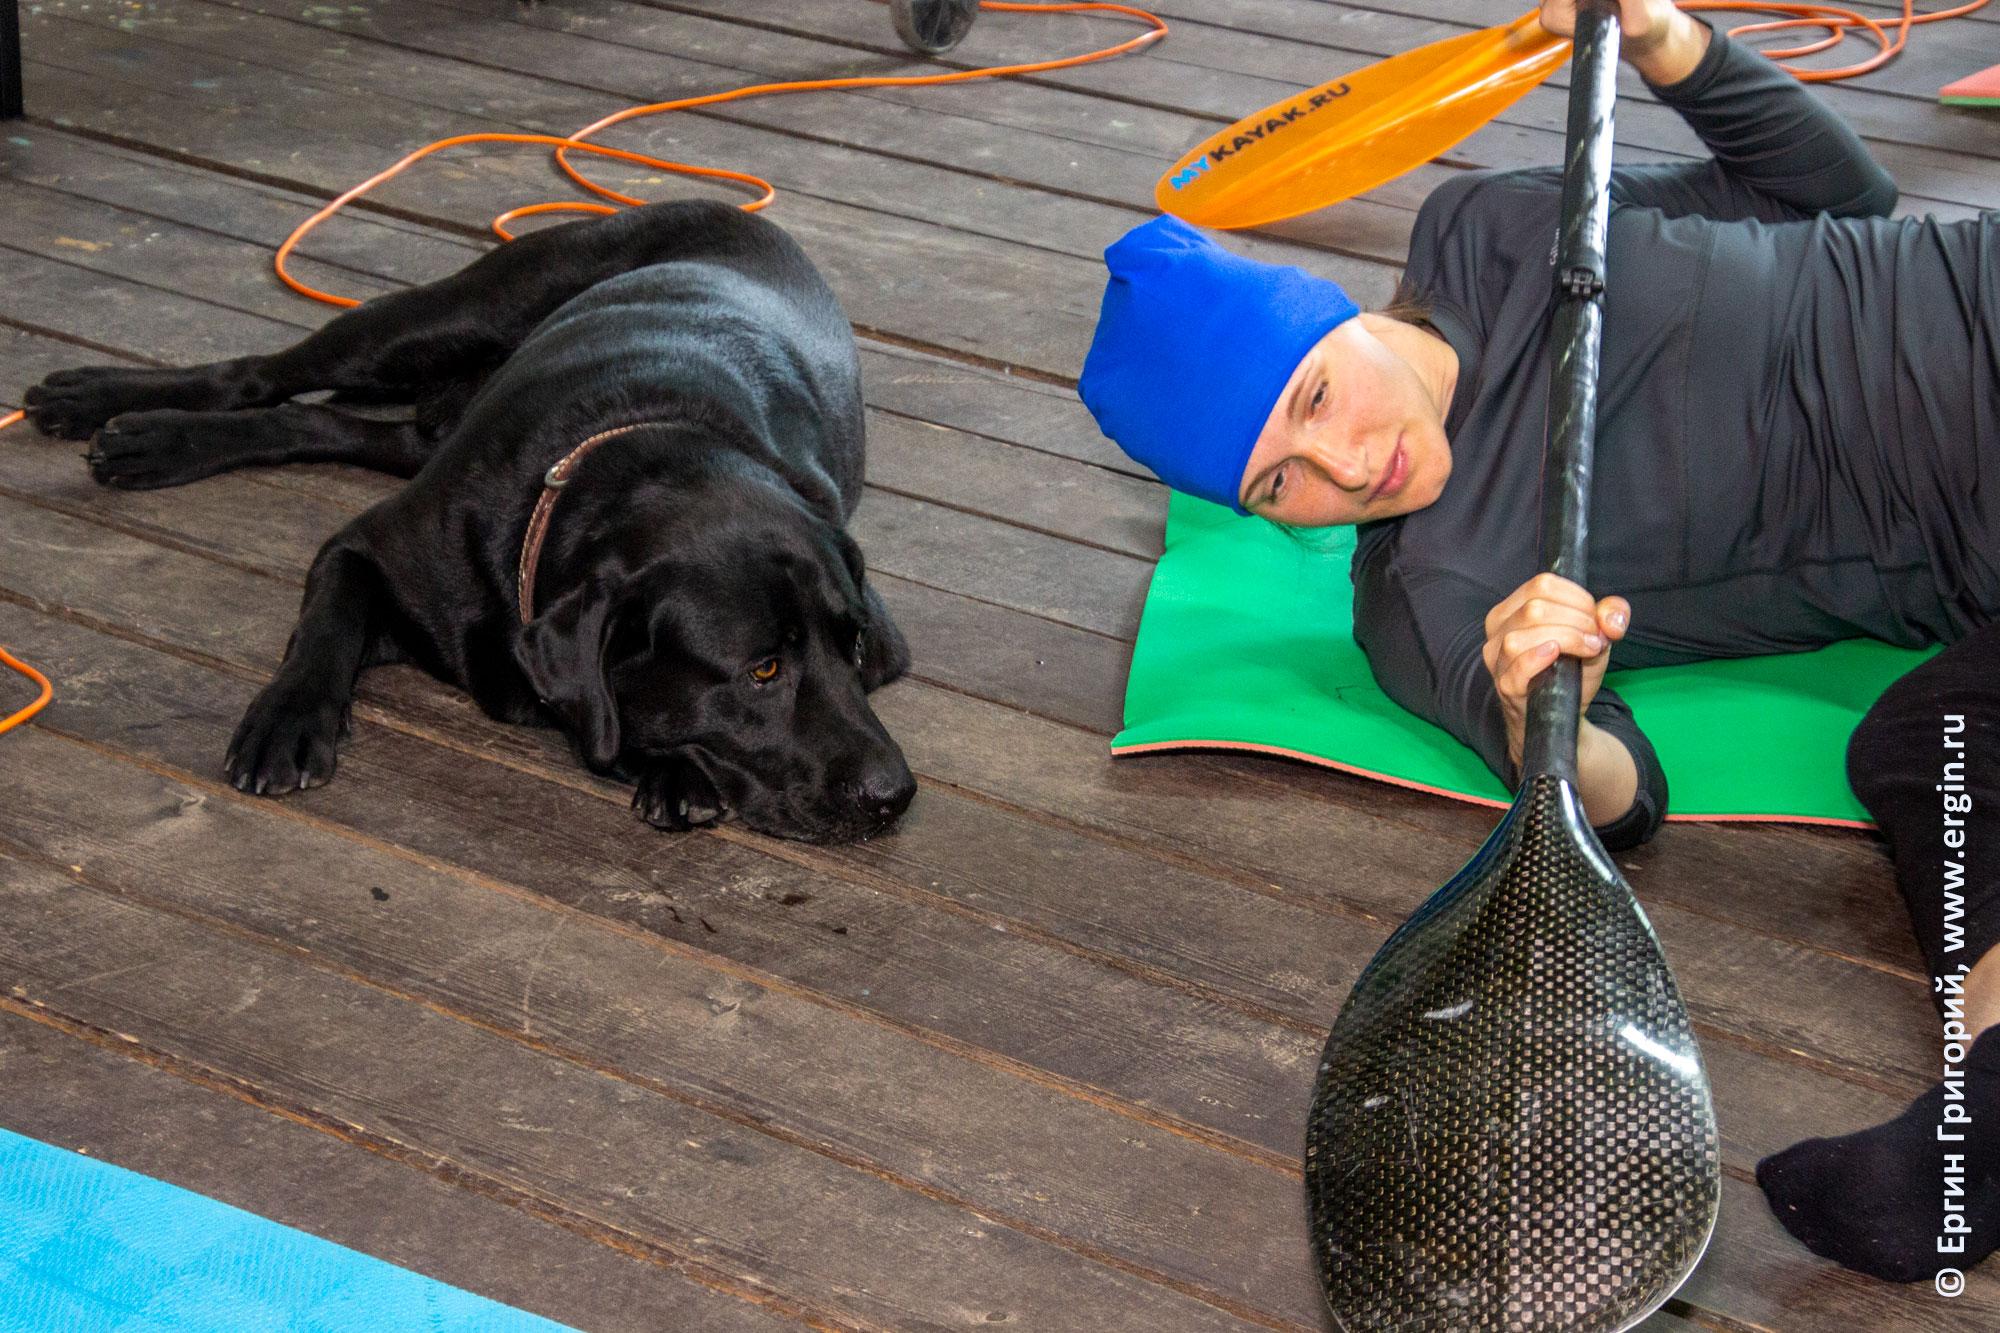 Тренировка опоры прямого винта с веслом на берегу